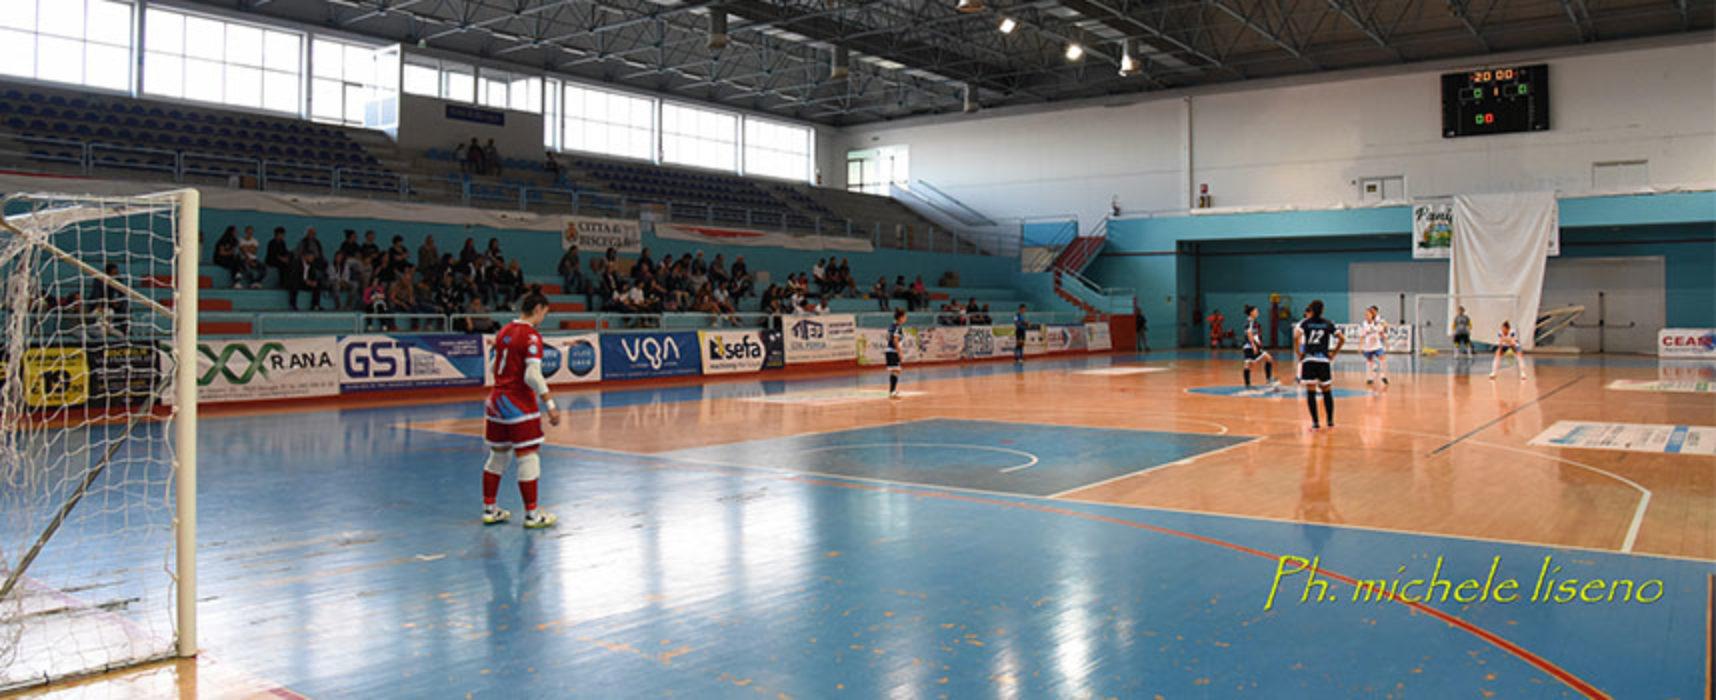 Calcio a 5 stagione 2020/21: ecco gli avversari di Bisceglie Femminile, Diaz e Futsal Bisceglie